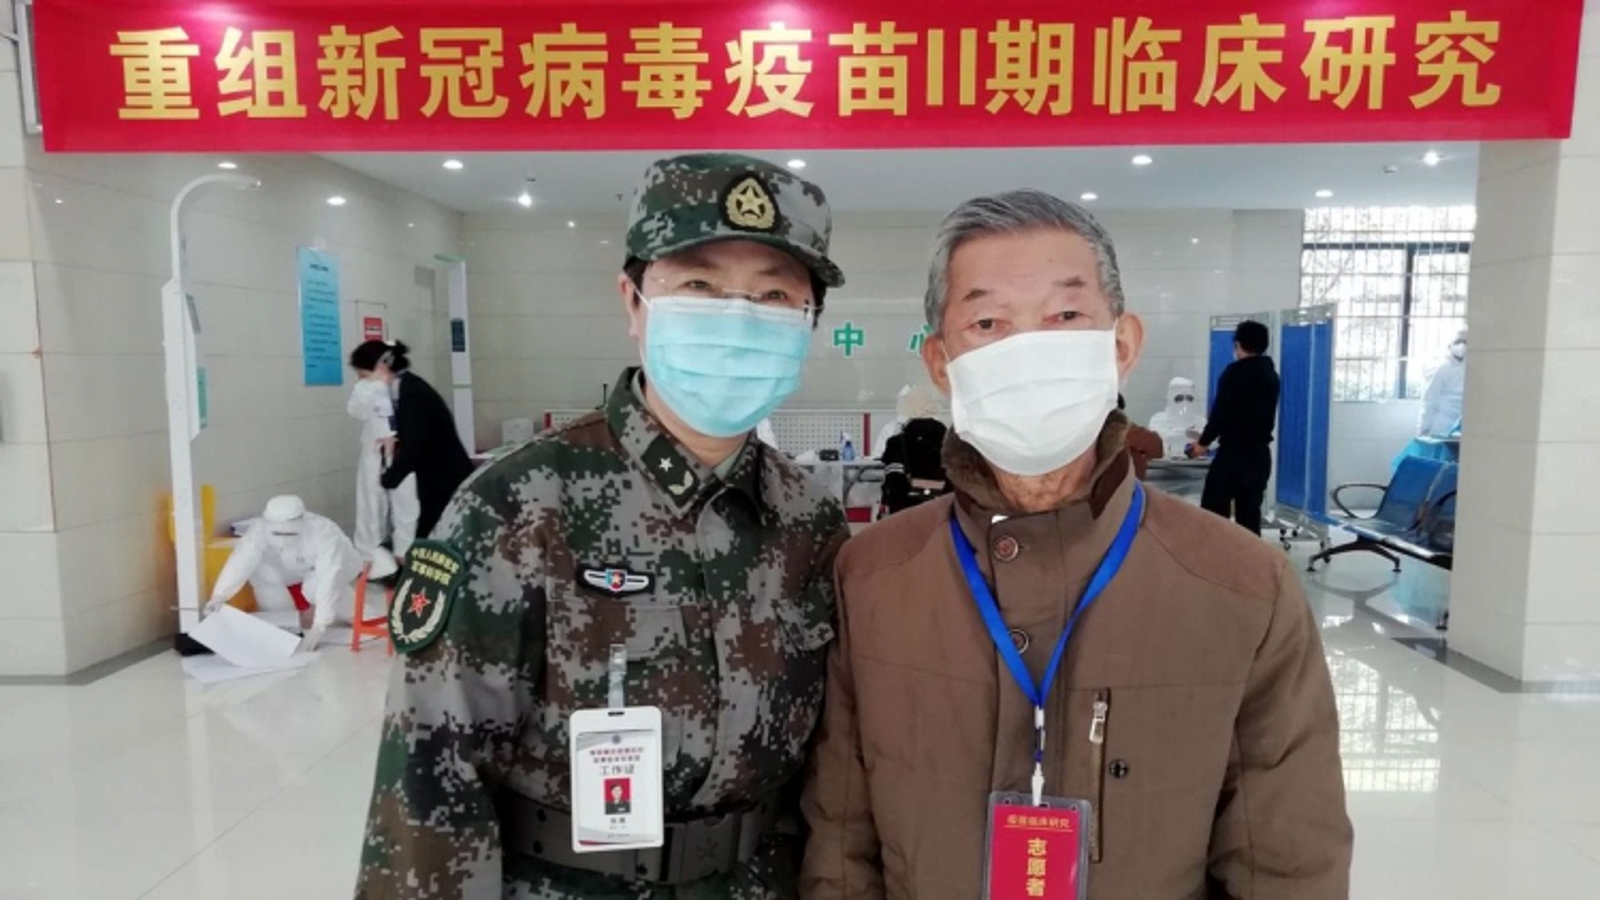 Trung Quốc thử nghiệm lâm sàng vacine Covid-19 giai đoạn II